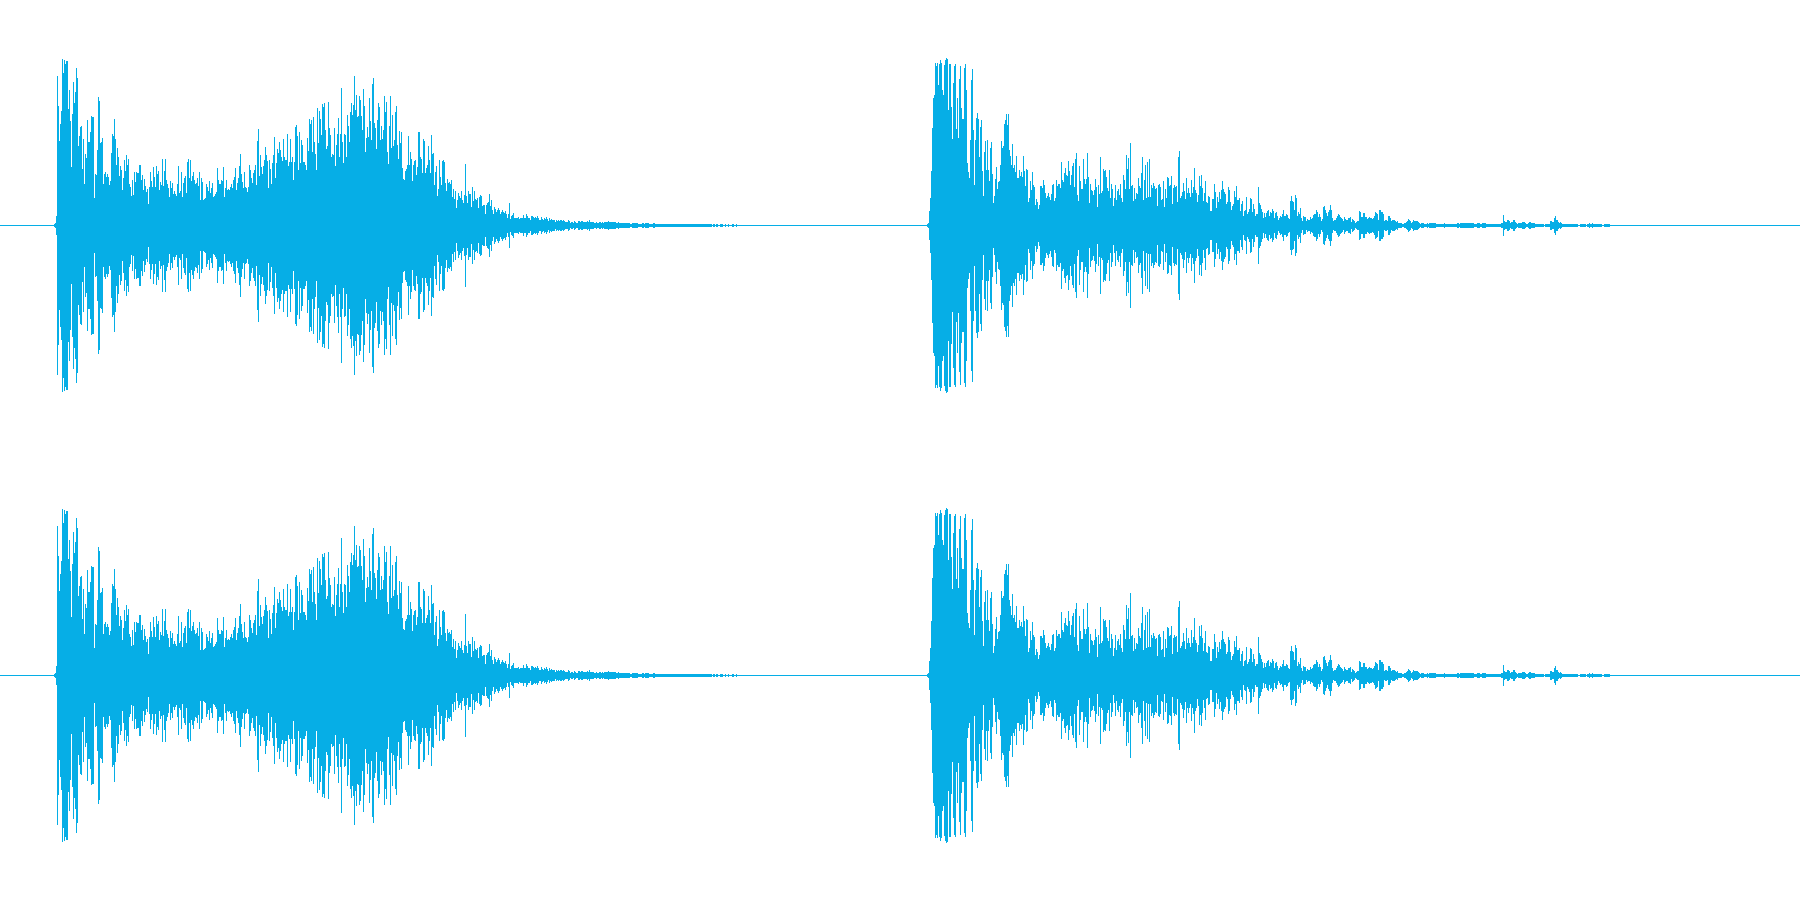 ミサイルが命中後中爆発 ドヒューンの再生済みの波形